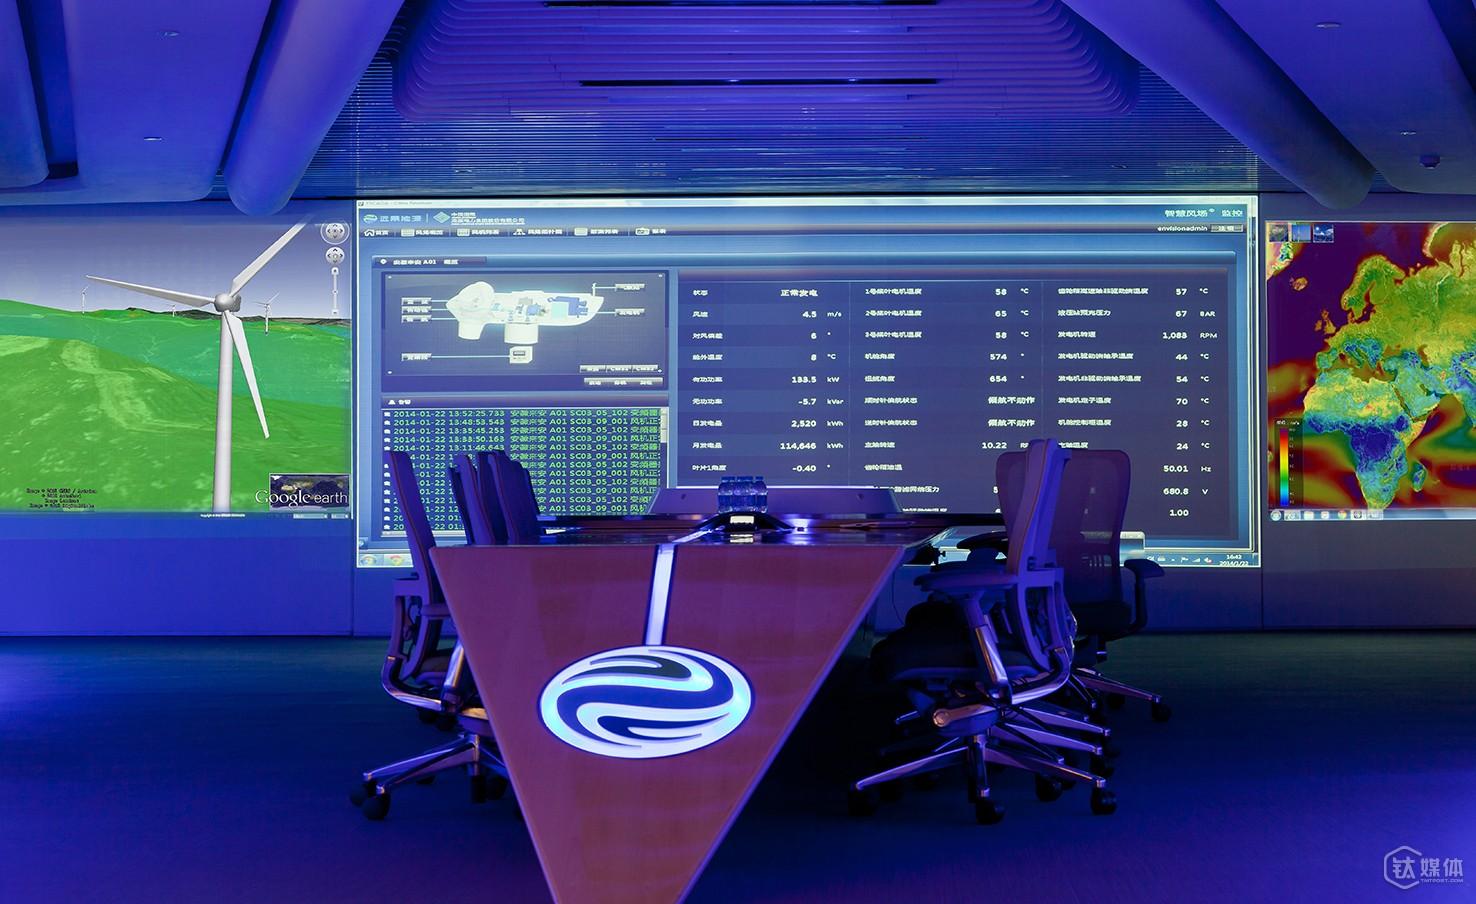 幼幼性交图 Smart Energy Management Center, Shanghai